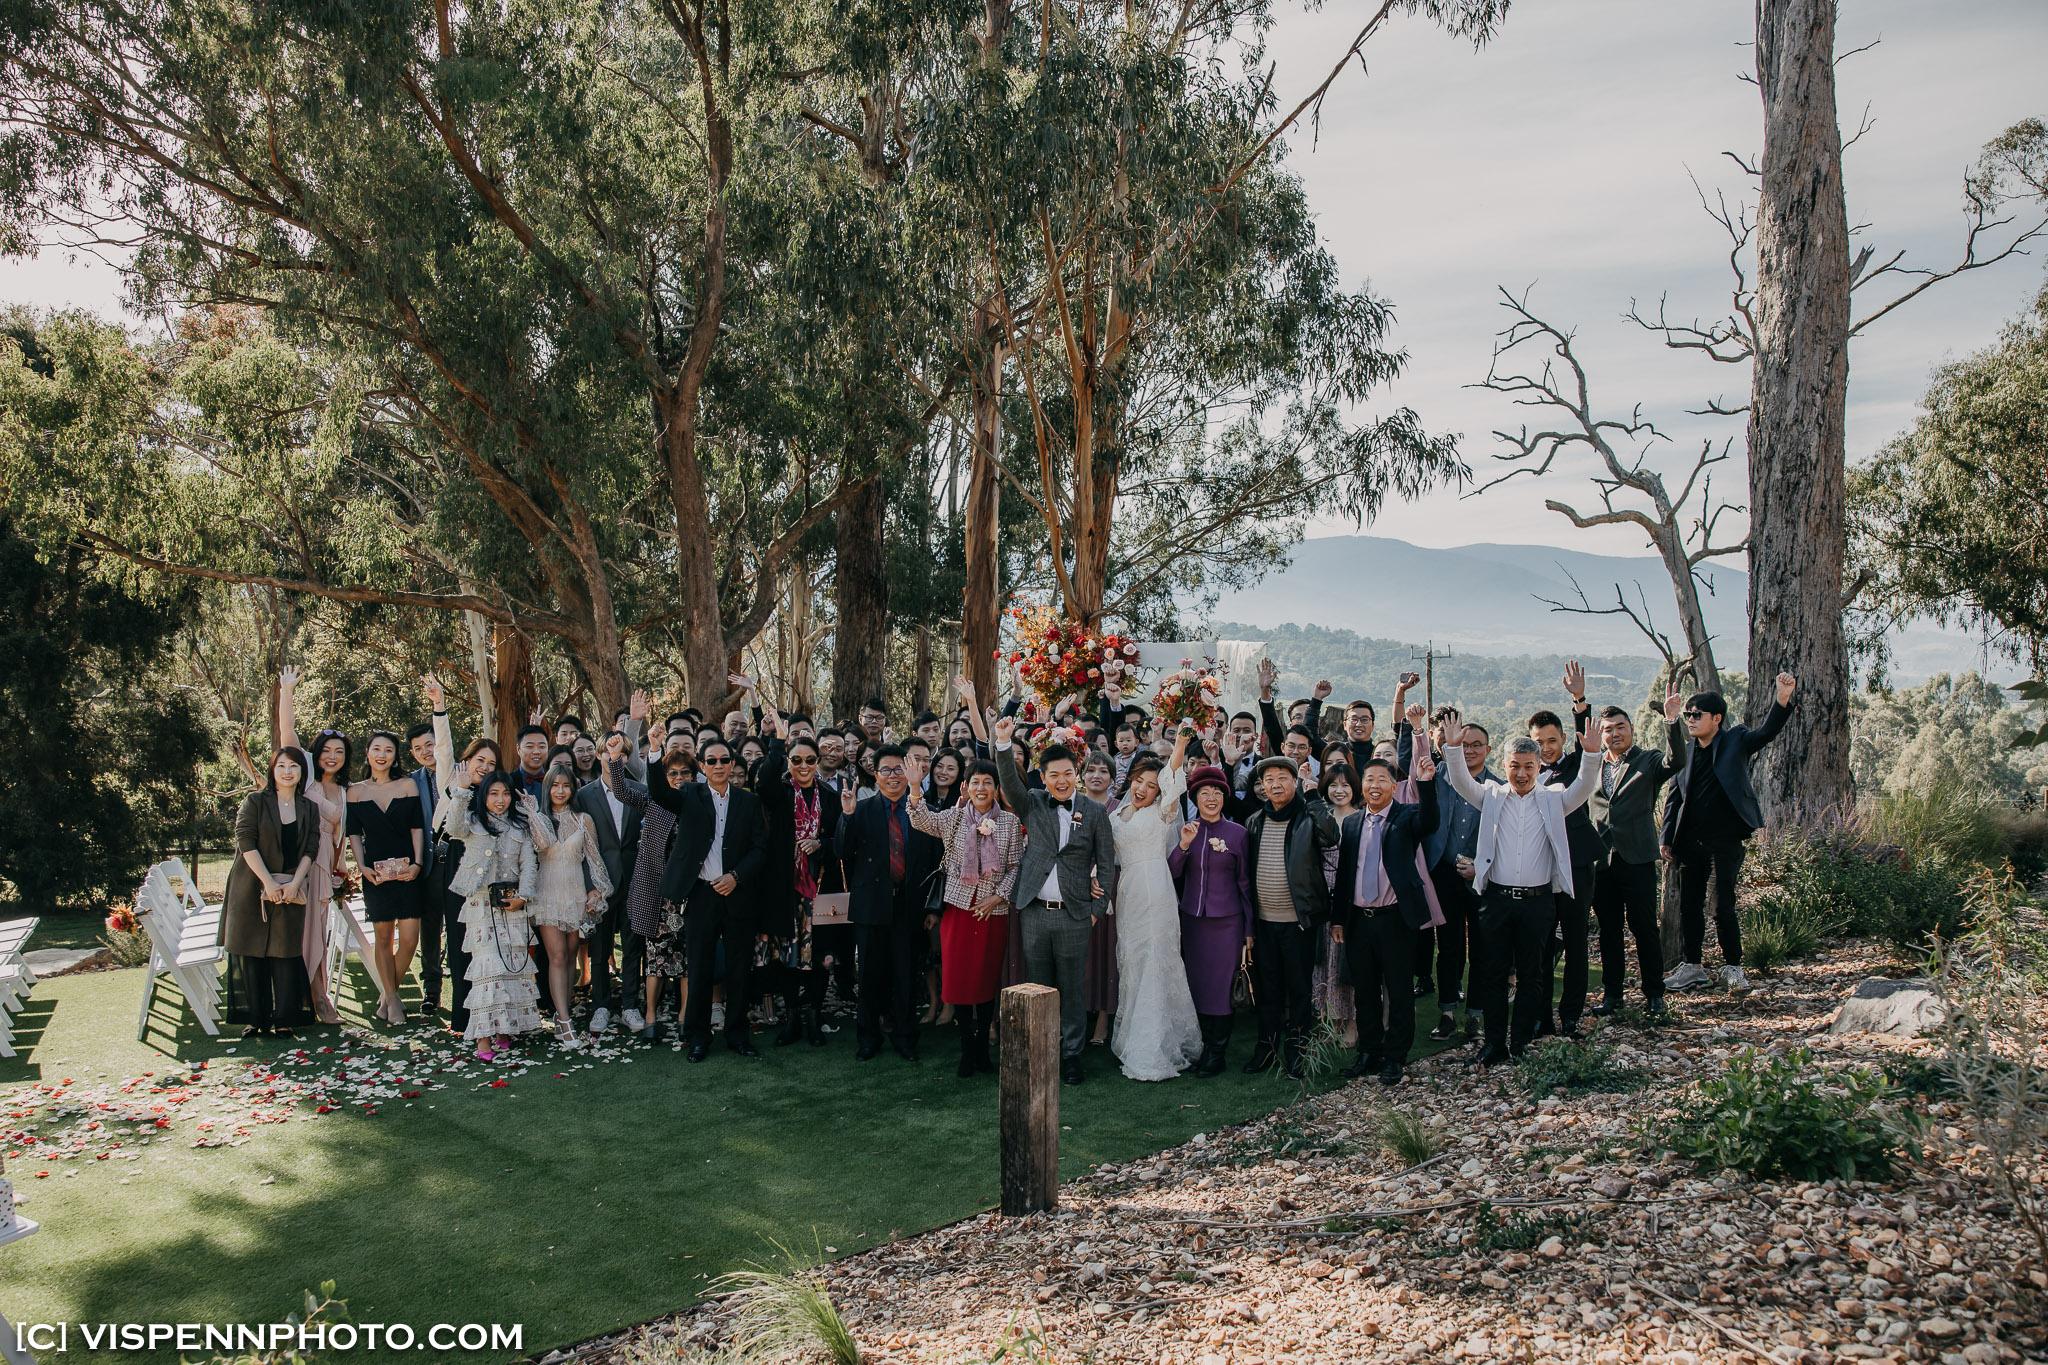 WEDDING DAY Photography Melbourne DominicHelen 1P 2876 EOSR ZHPENN